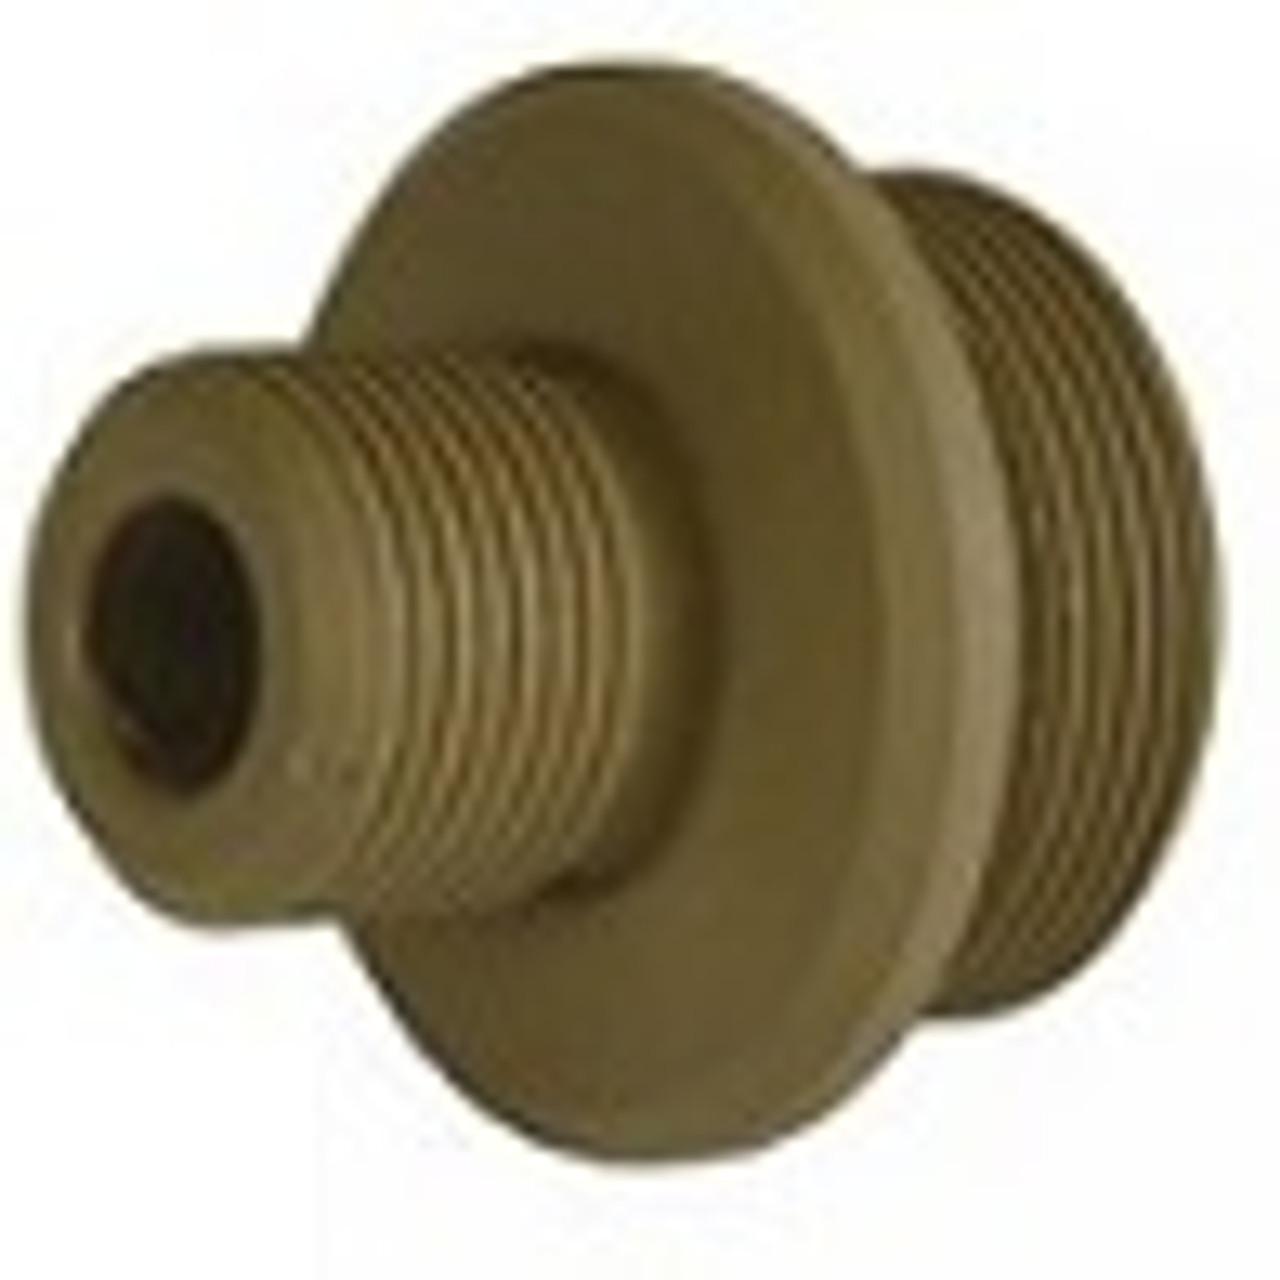 Barrel Adapters